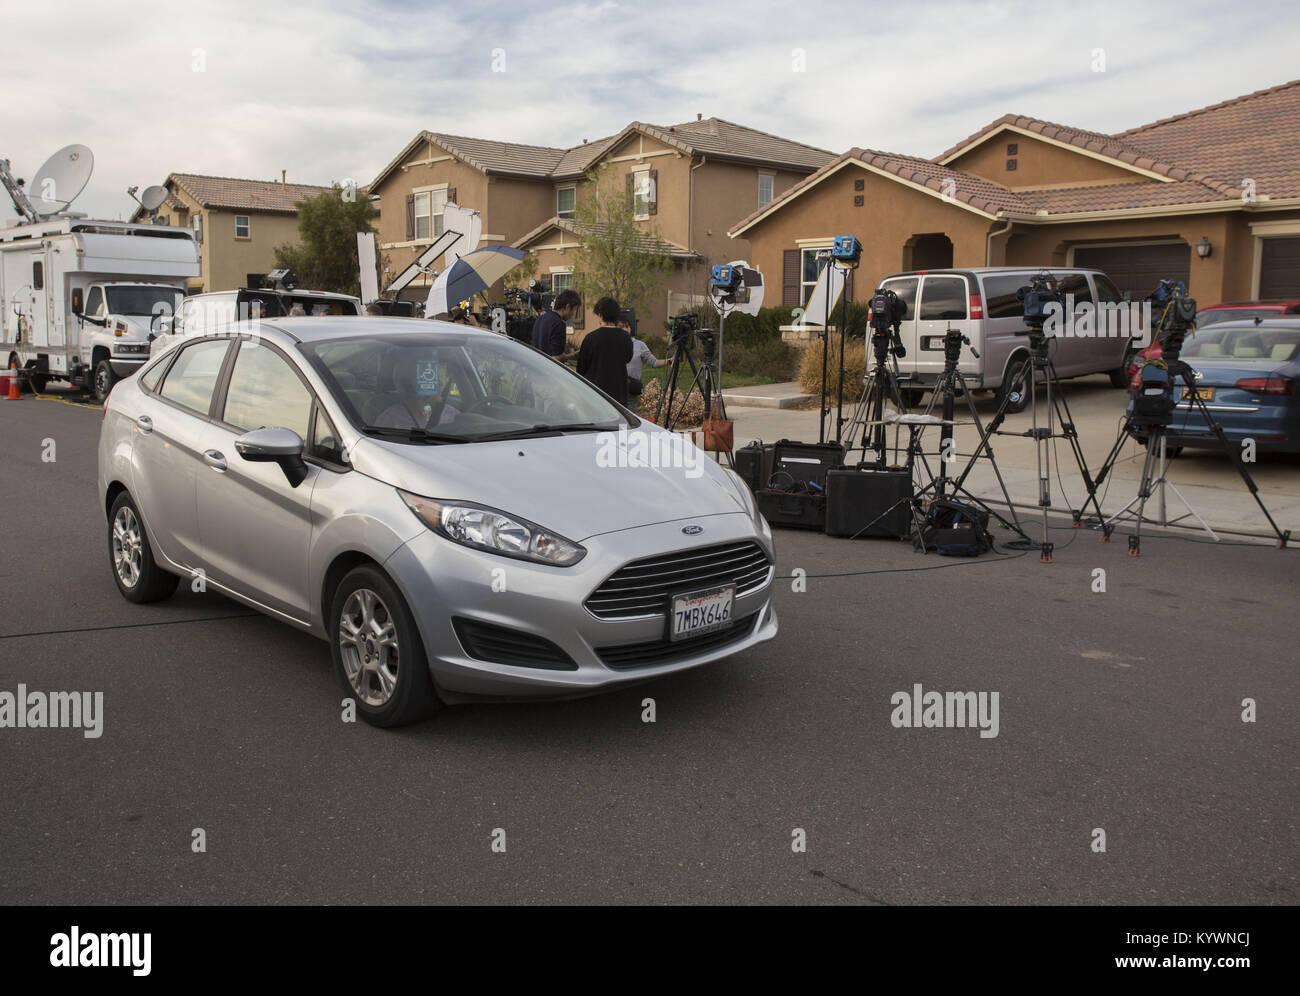 Erfreut 16 Auto Draht Fotos - Elektrische Schaltplan-Ideen ...